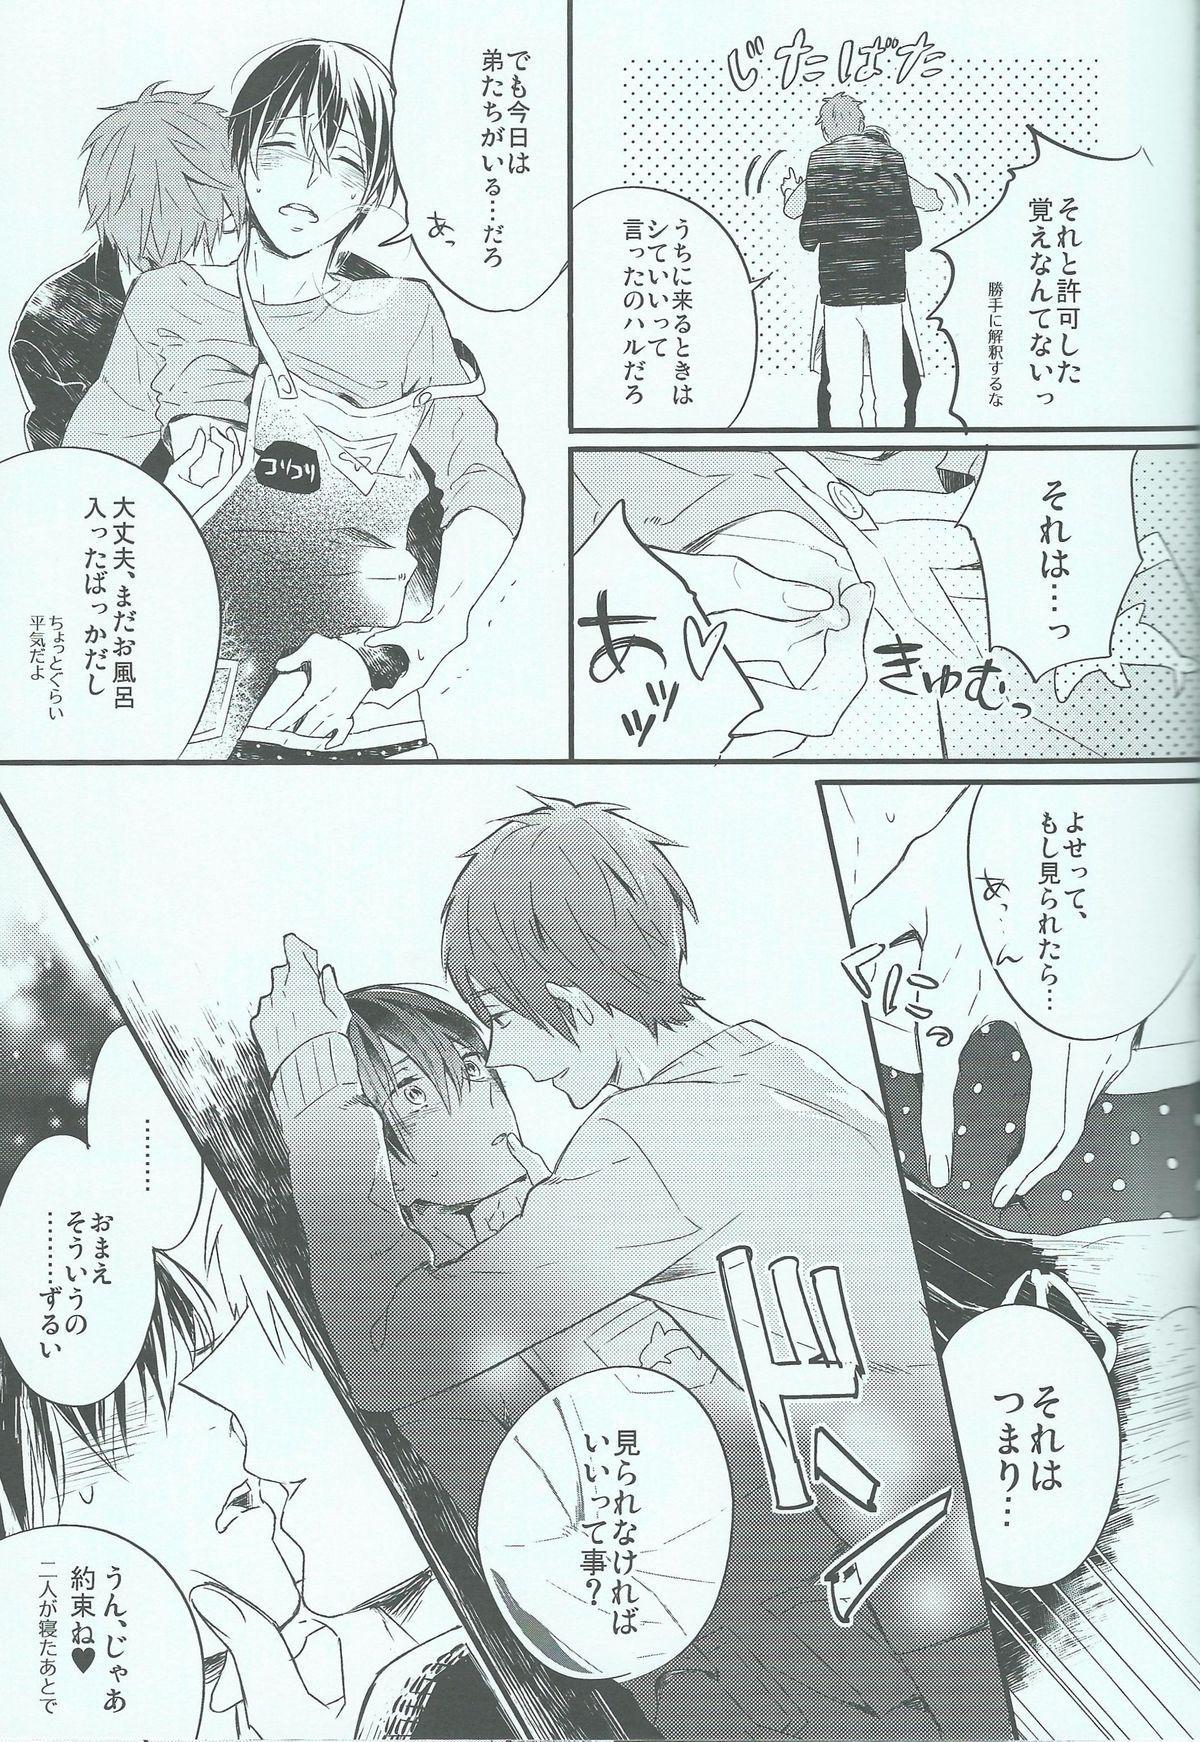 Oyasumi chuu wa Oshizuka ni 4